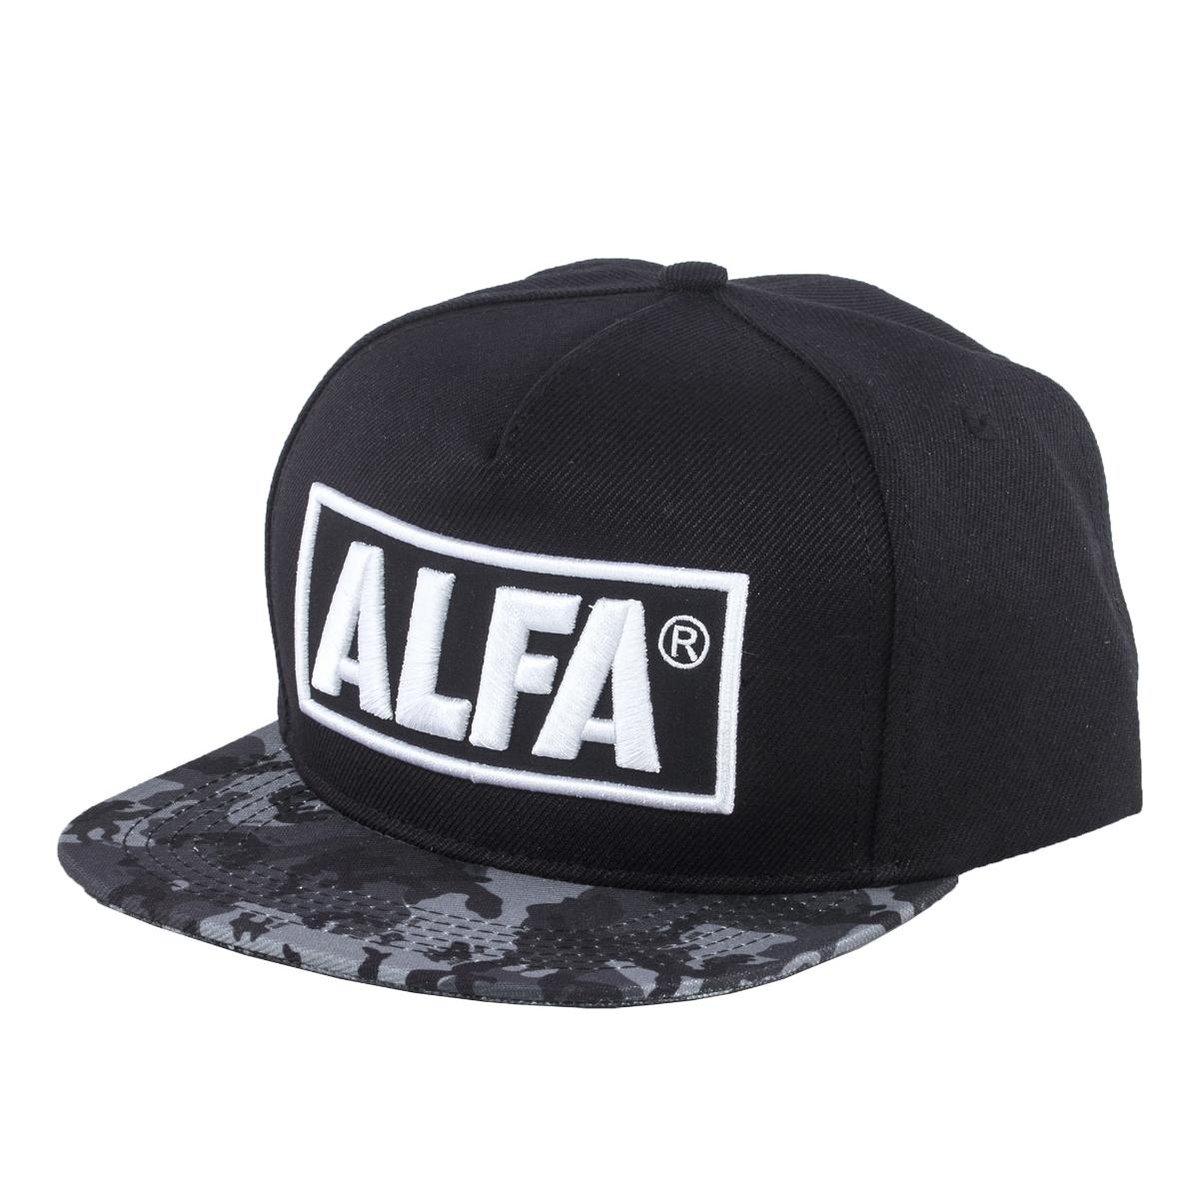 Boné Alfa Snapback Outdoor Aba Camuflada - Compre Agora  01179049703